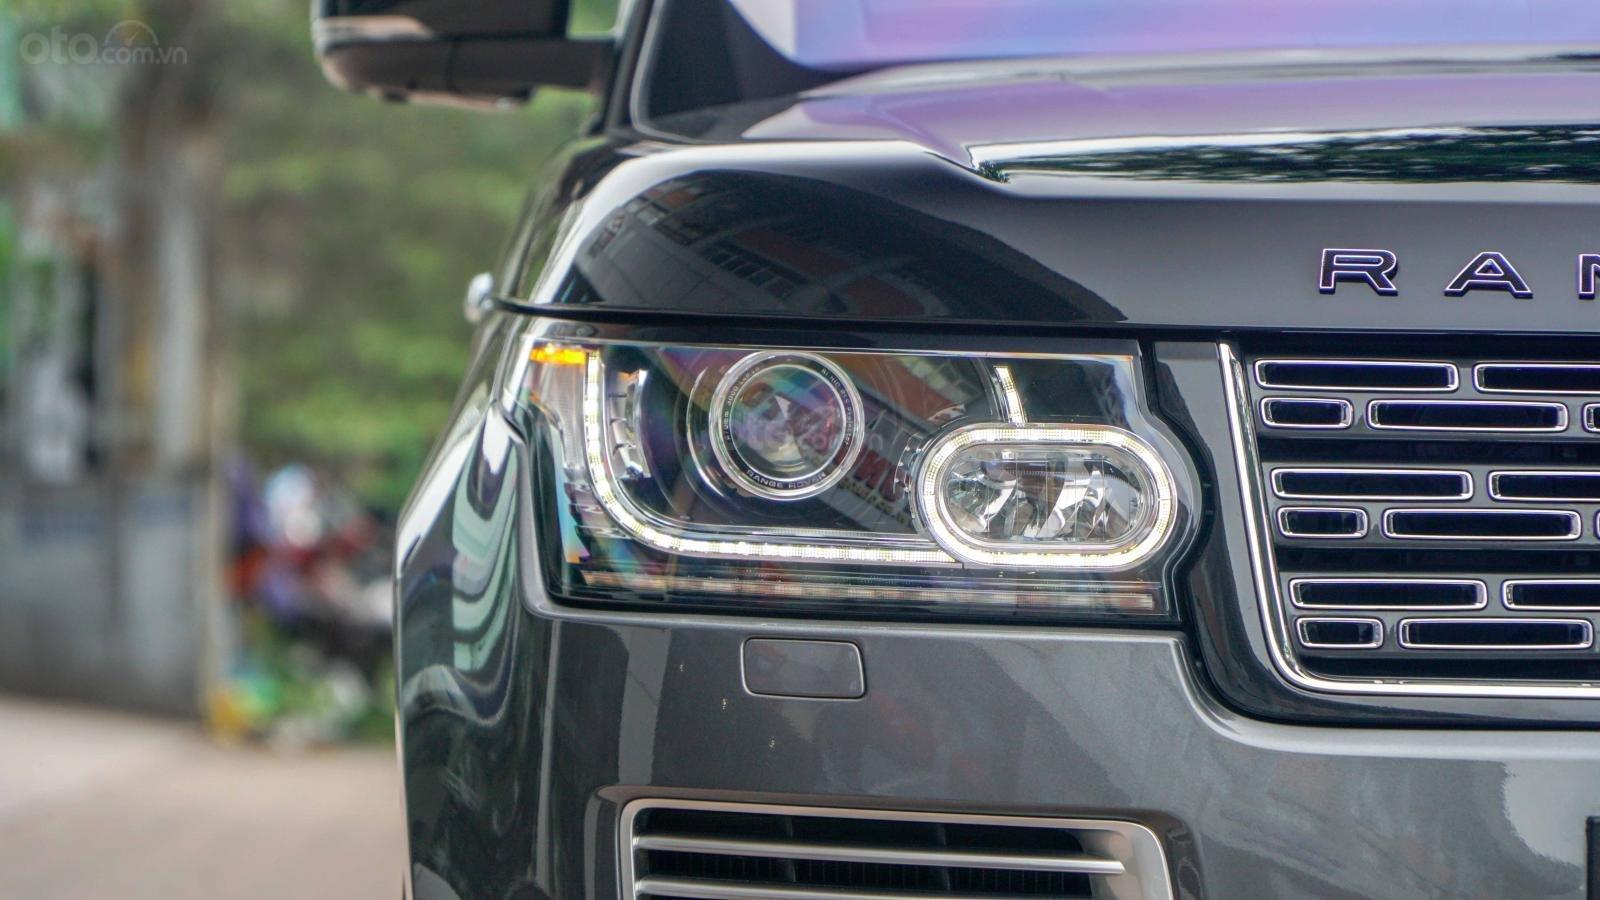 Bán LandRover Range Rover SV Autobiography 5.0 đời 2016, hai màu xám đen, lướt 1v7 km (18)